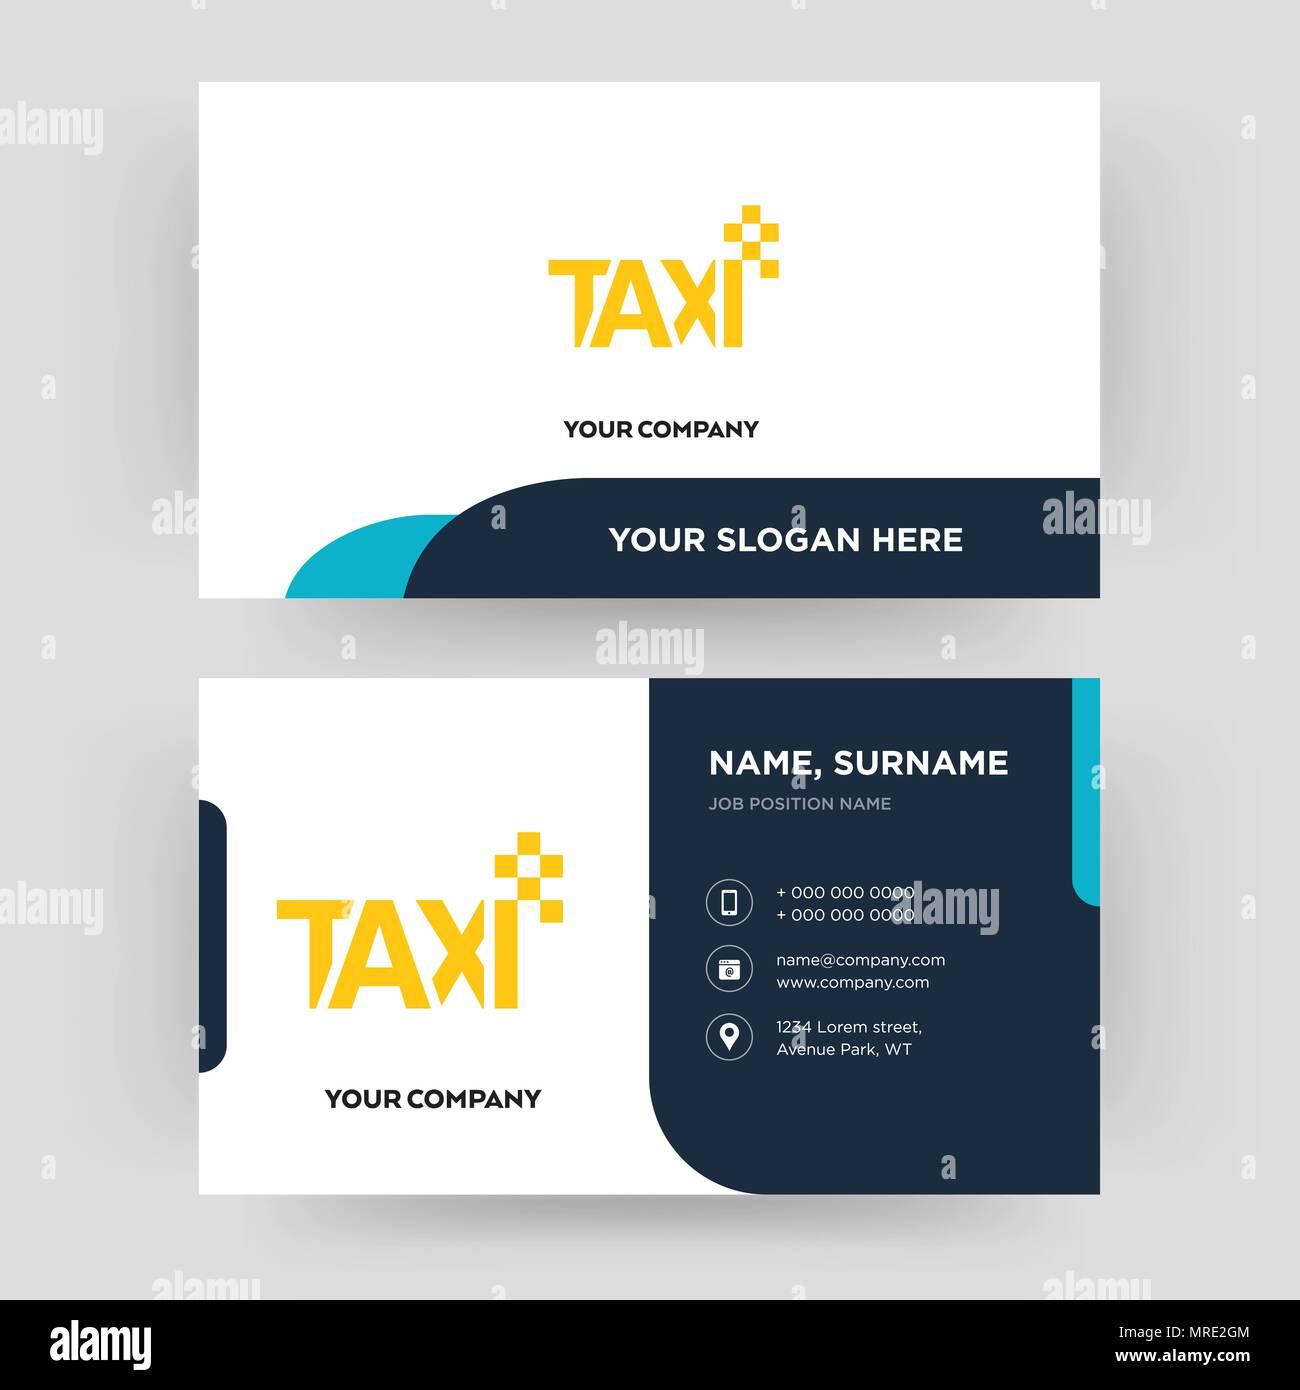 Taxi Carte De Visite Modele Conception Pour Votre Entreprise Creative Et Moderne Didentite Propre Vector